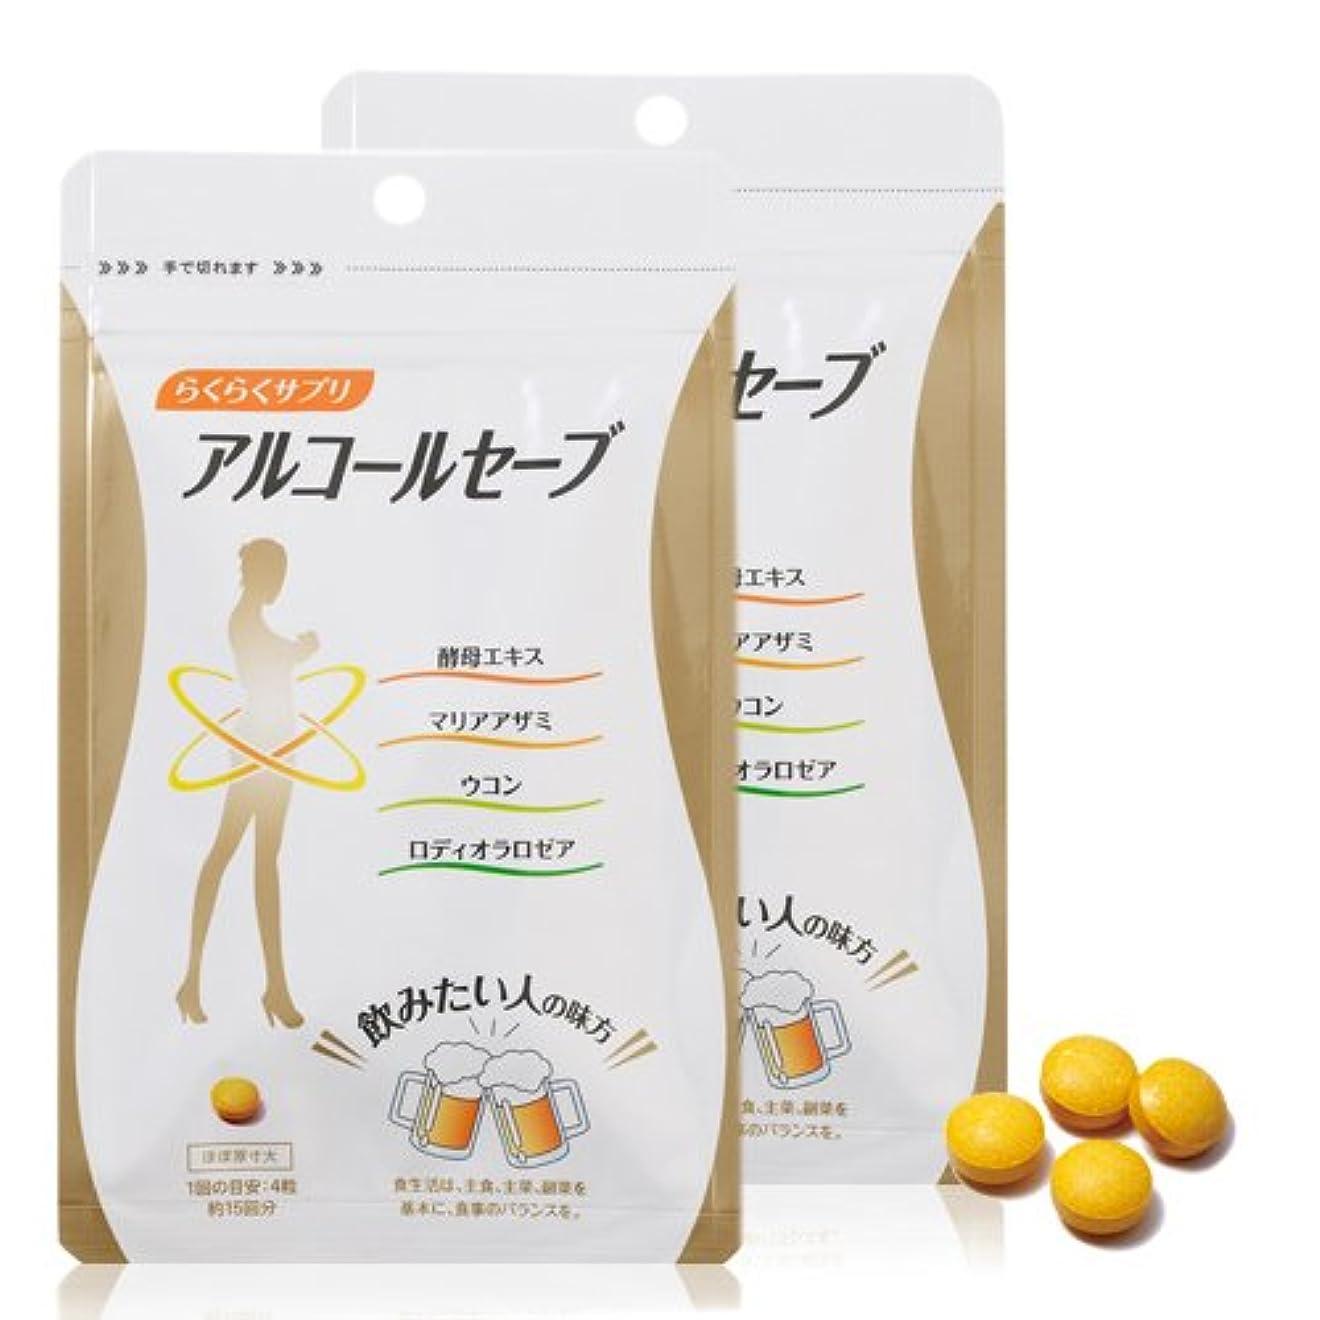 濃度セブン粒スリムサプリメント アルコールセーブ 2袋セット